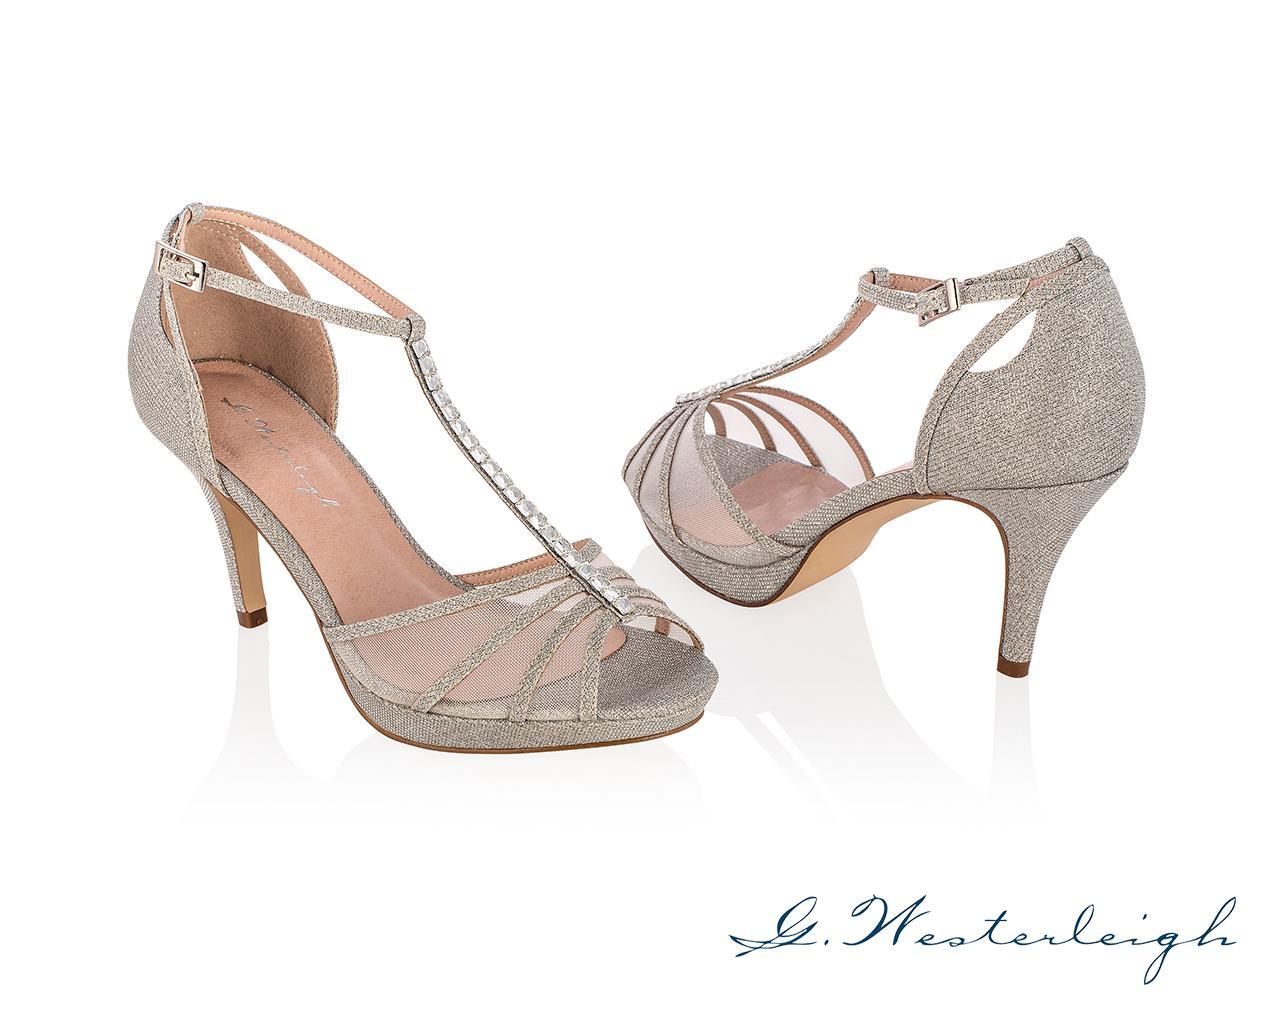 Spoločenské topánky Almeria - Obrázok č. 1